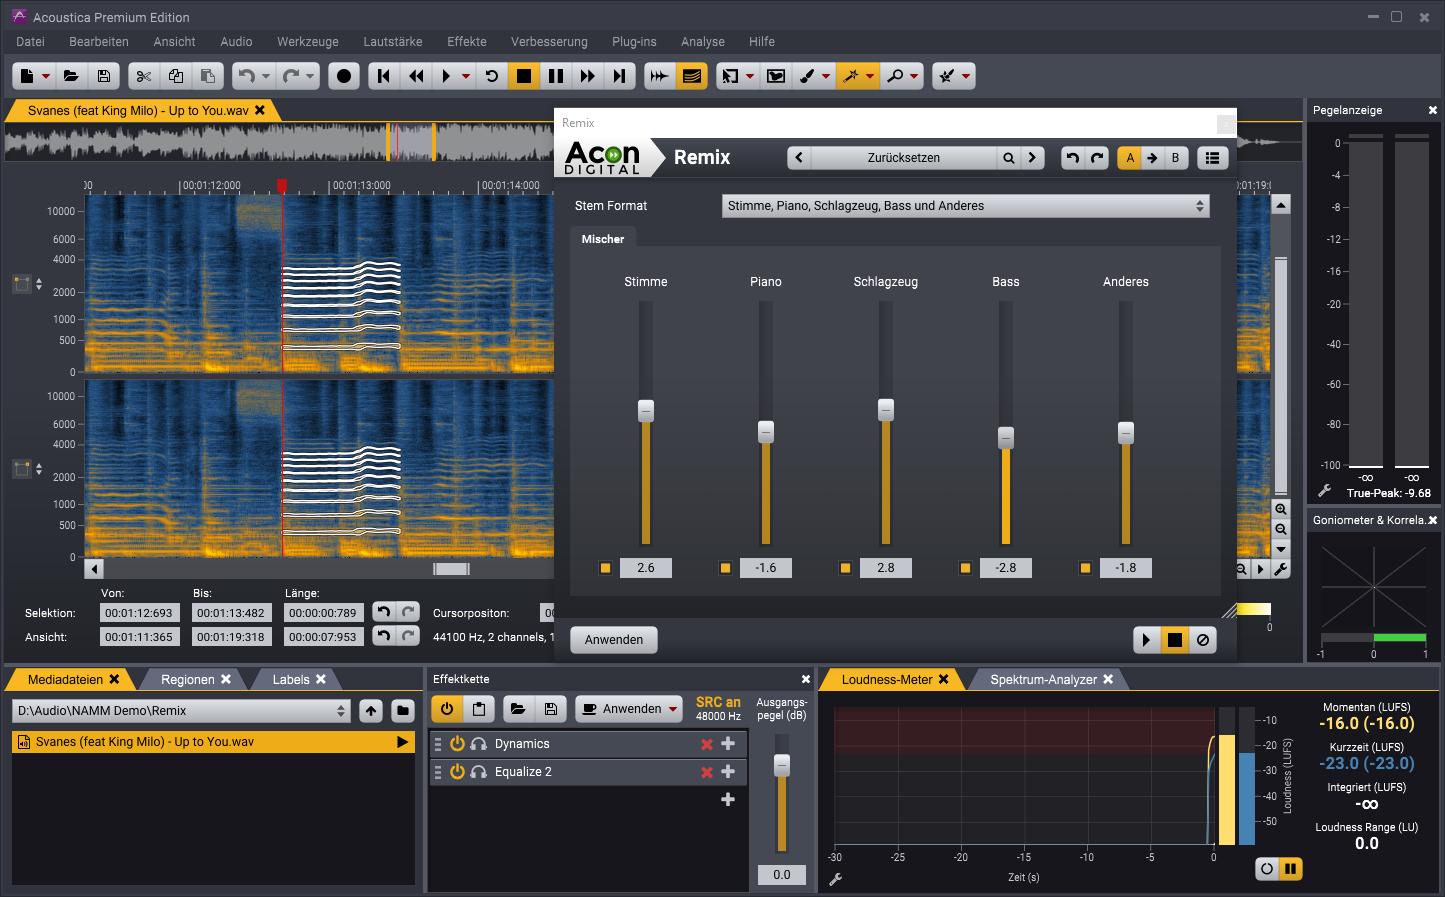 Das neue Remix Werkzeug in Acoustica 7.2